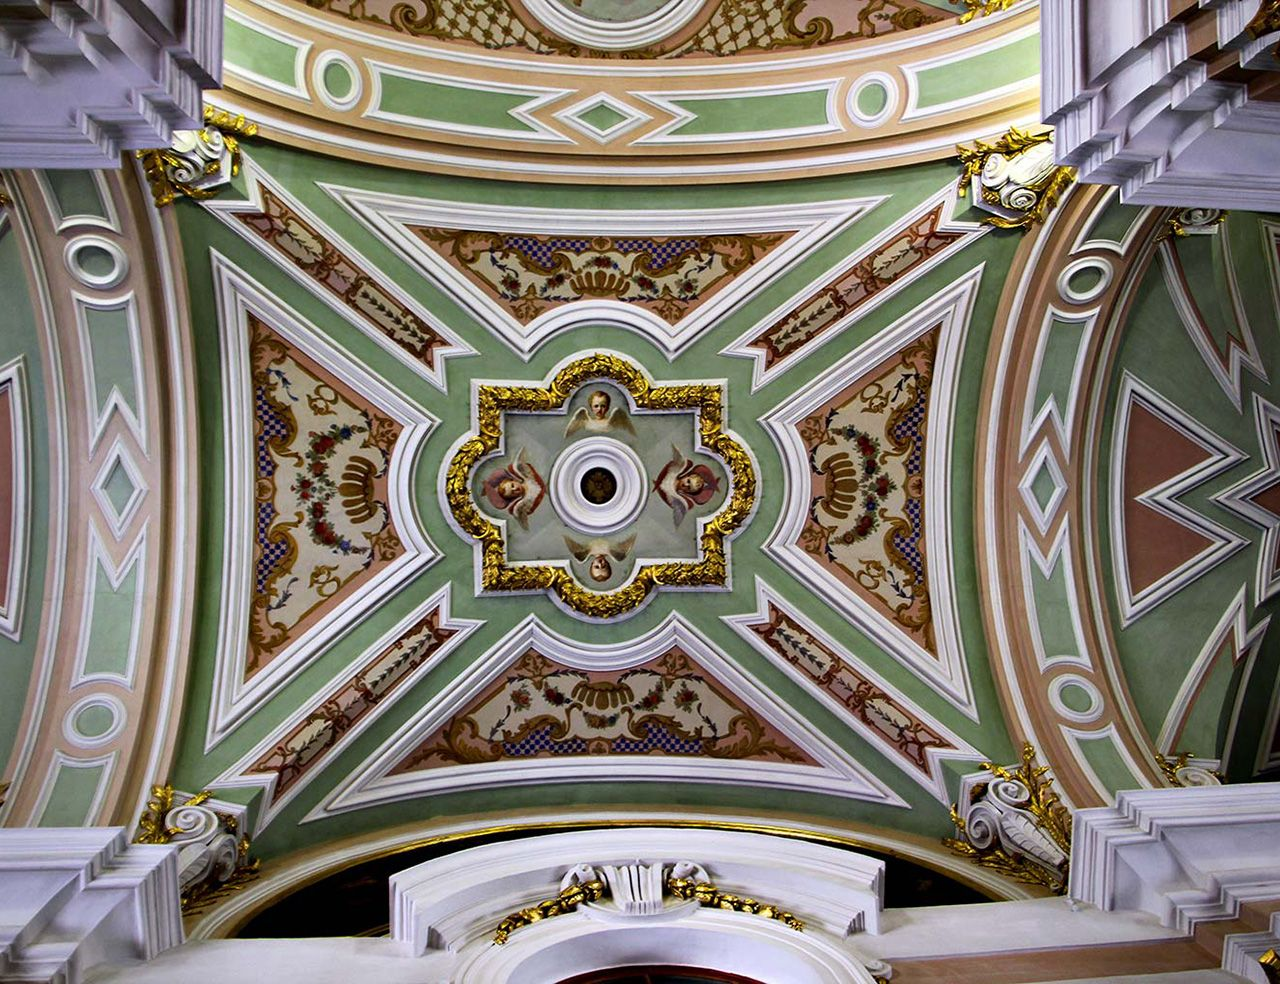 Peter-und-Paul-Kathedrale in St. Petersburg. Bild: AZ/Architekturzeitung